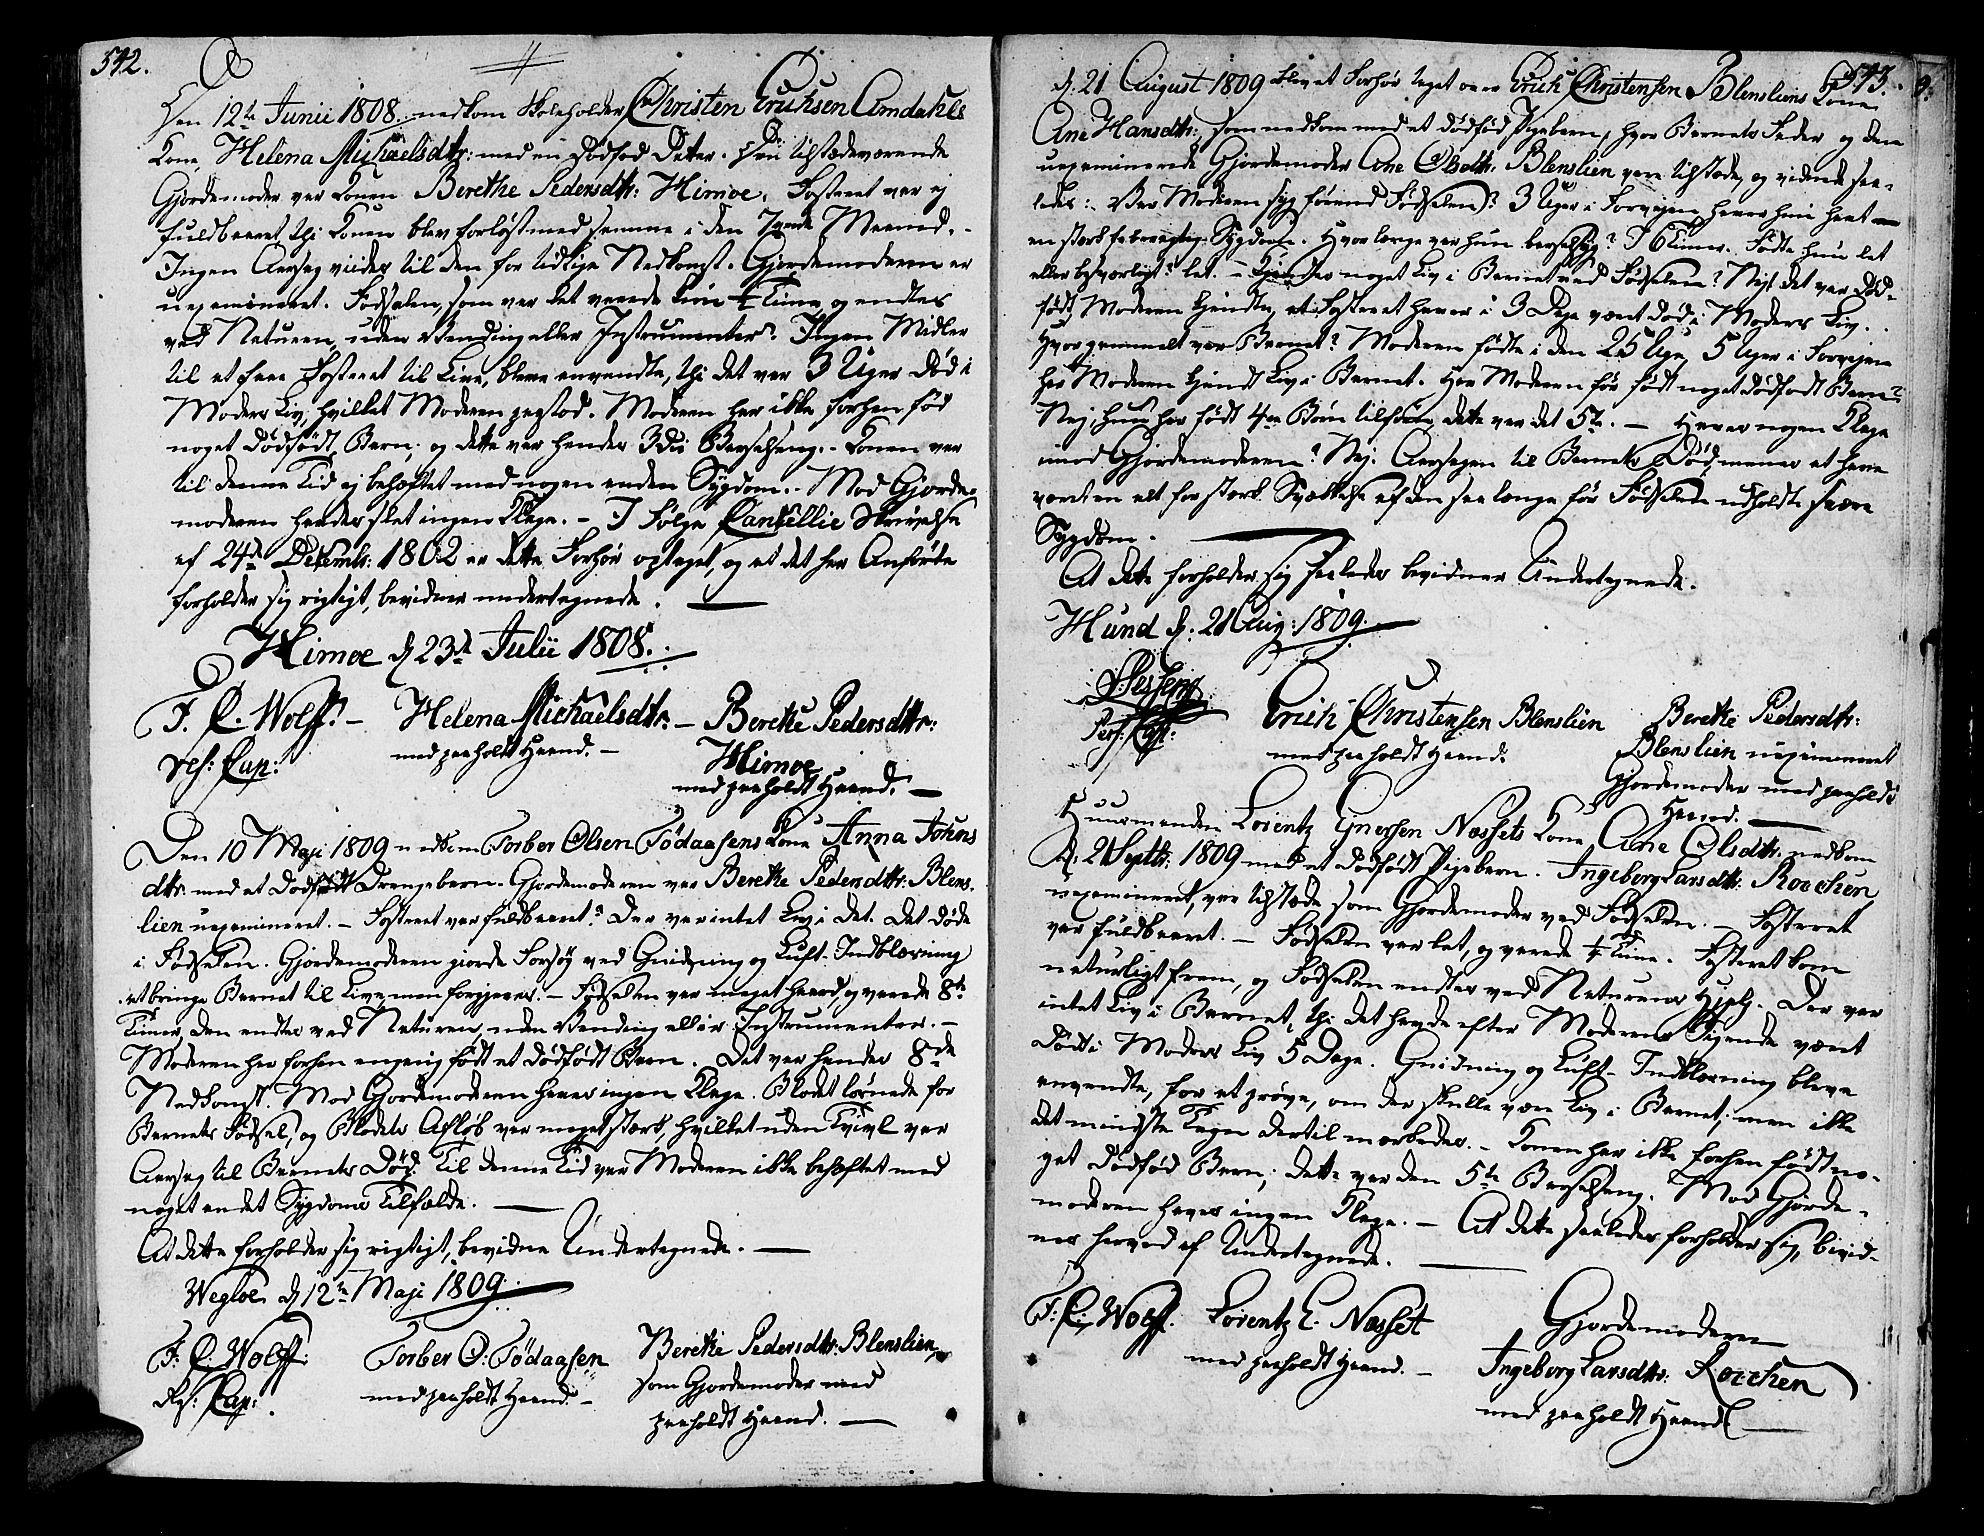 SAT, Ministerialprotokoller, klokkerbøker og fødselsregistre - Nord-Trøndelag, 764/L0545: Ministerialbok nr. 764A05, 1799-1816, s. 542-543